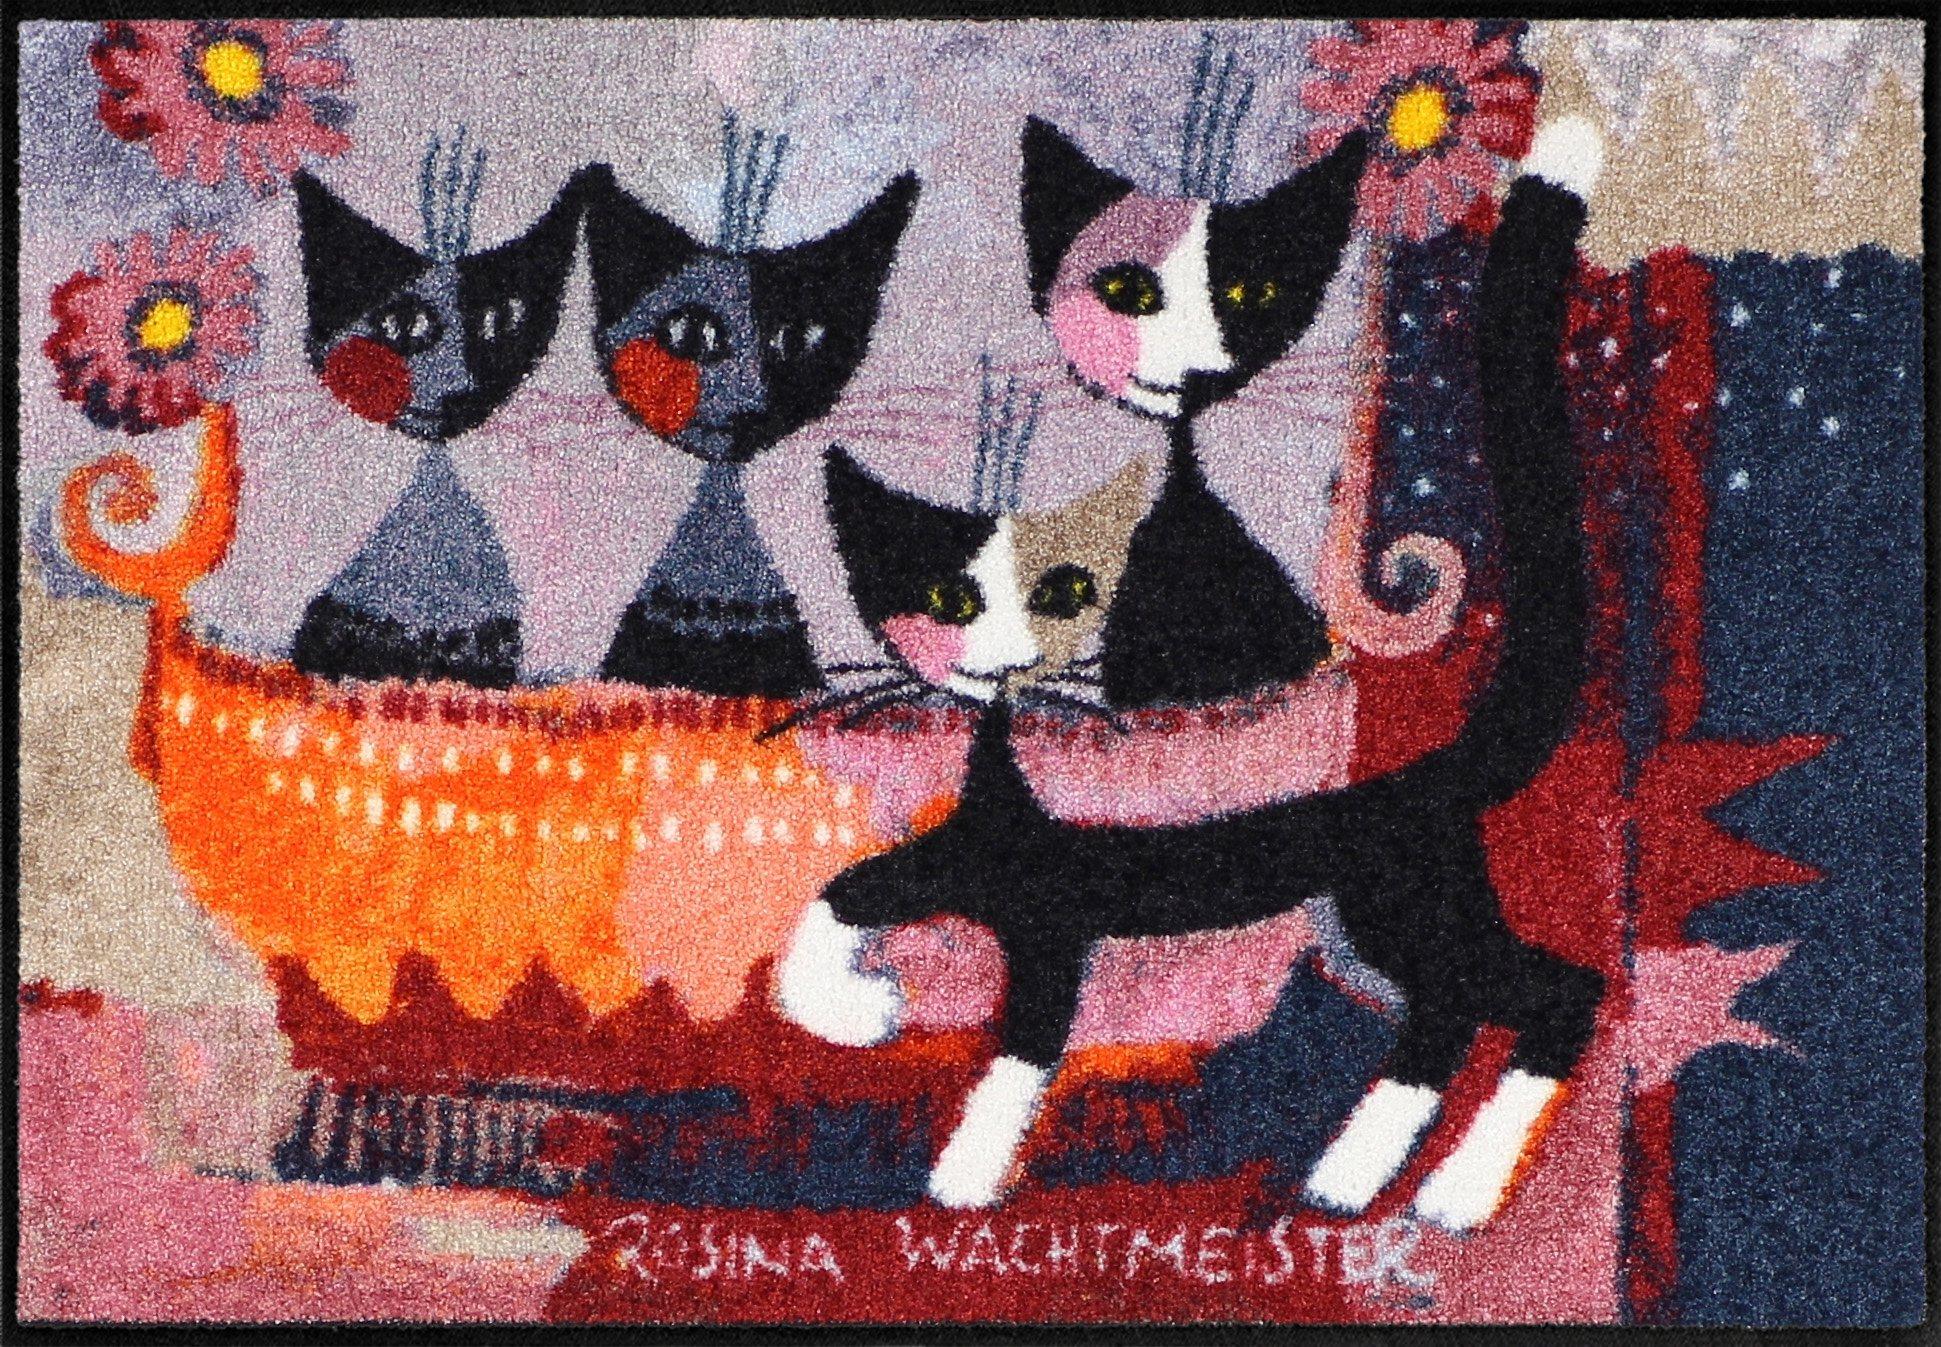 Fußmatte »La Mia Famiglia«, Rosina Wachtmeister, rechteckig, Höhe 7 mm, waschbar, In- und Outdoor | Heimtextilien > Fussmatten | Rosina Wachtmeister